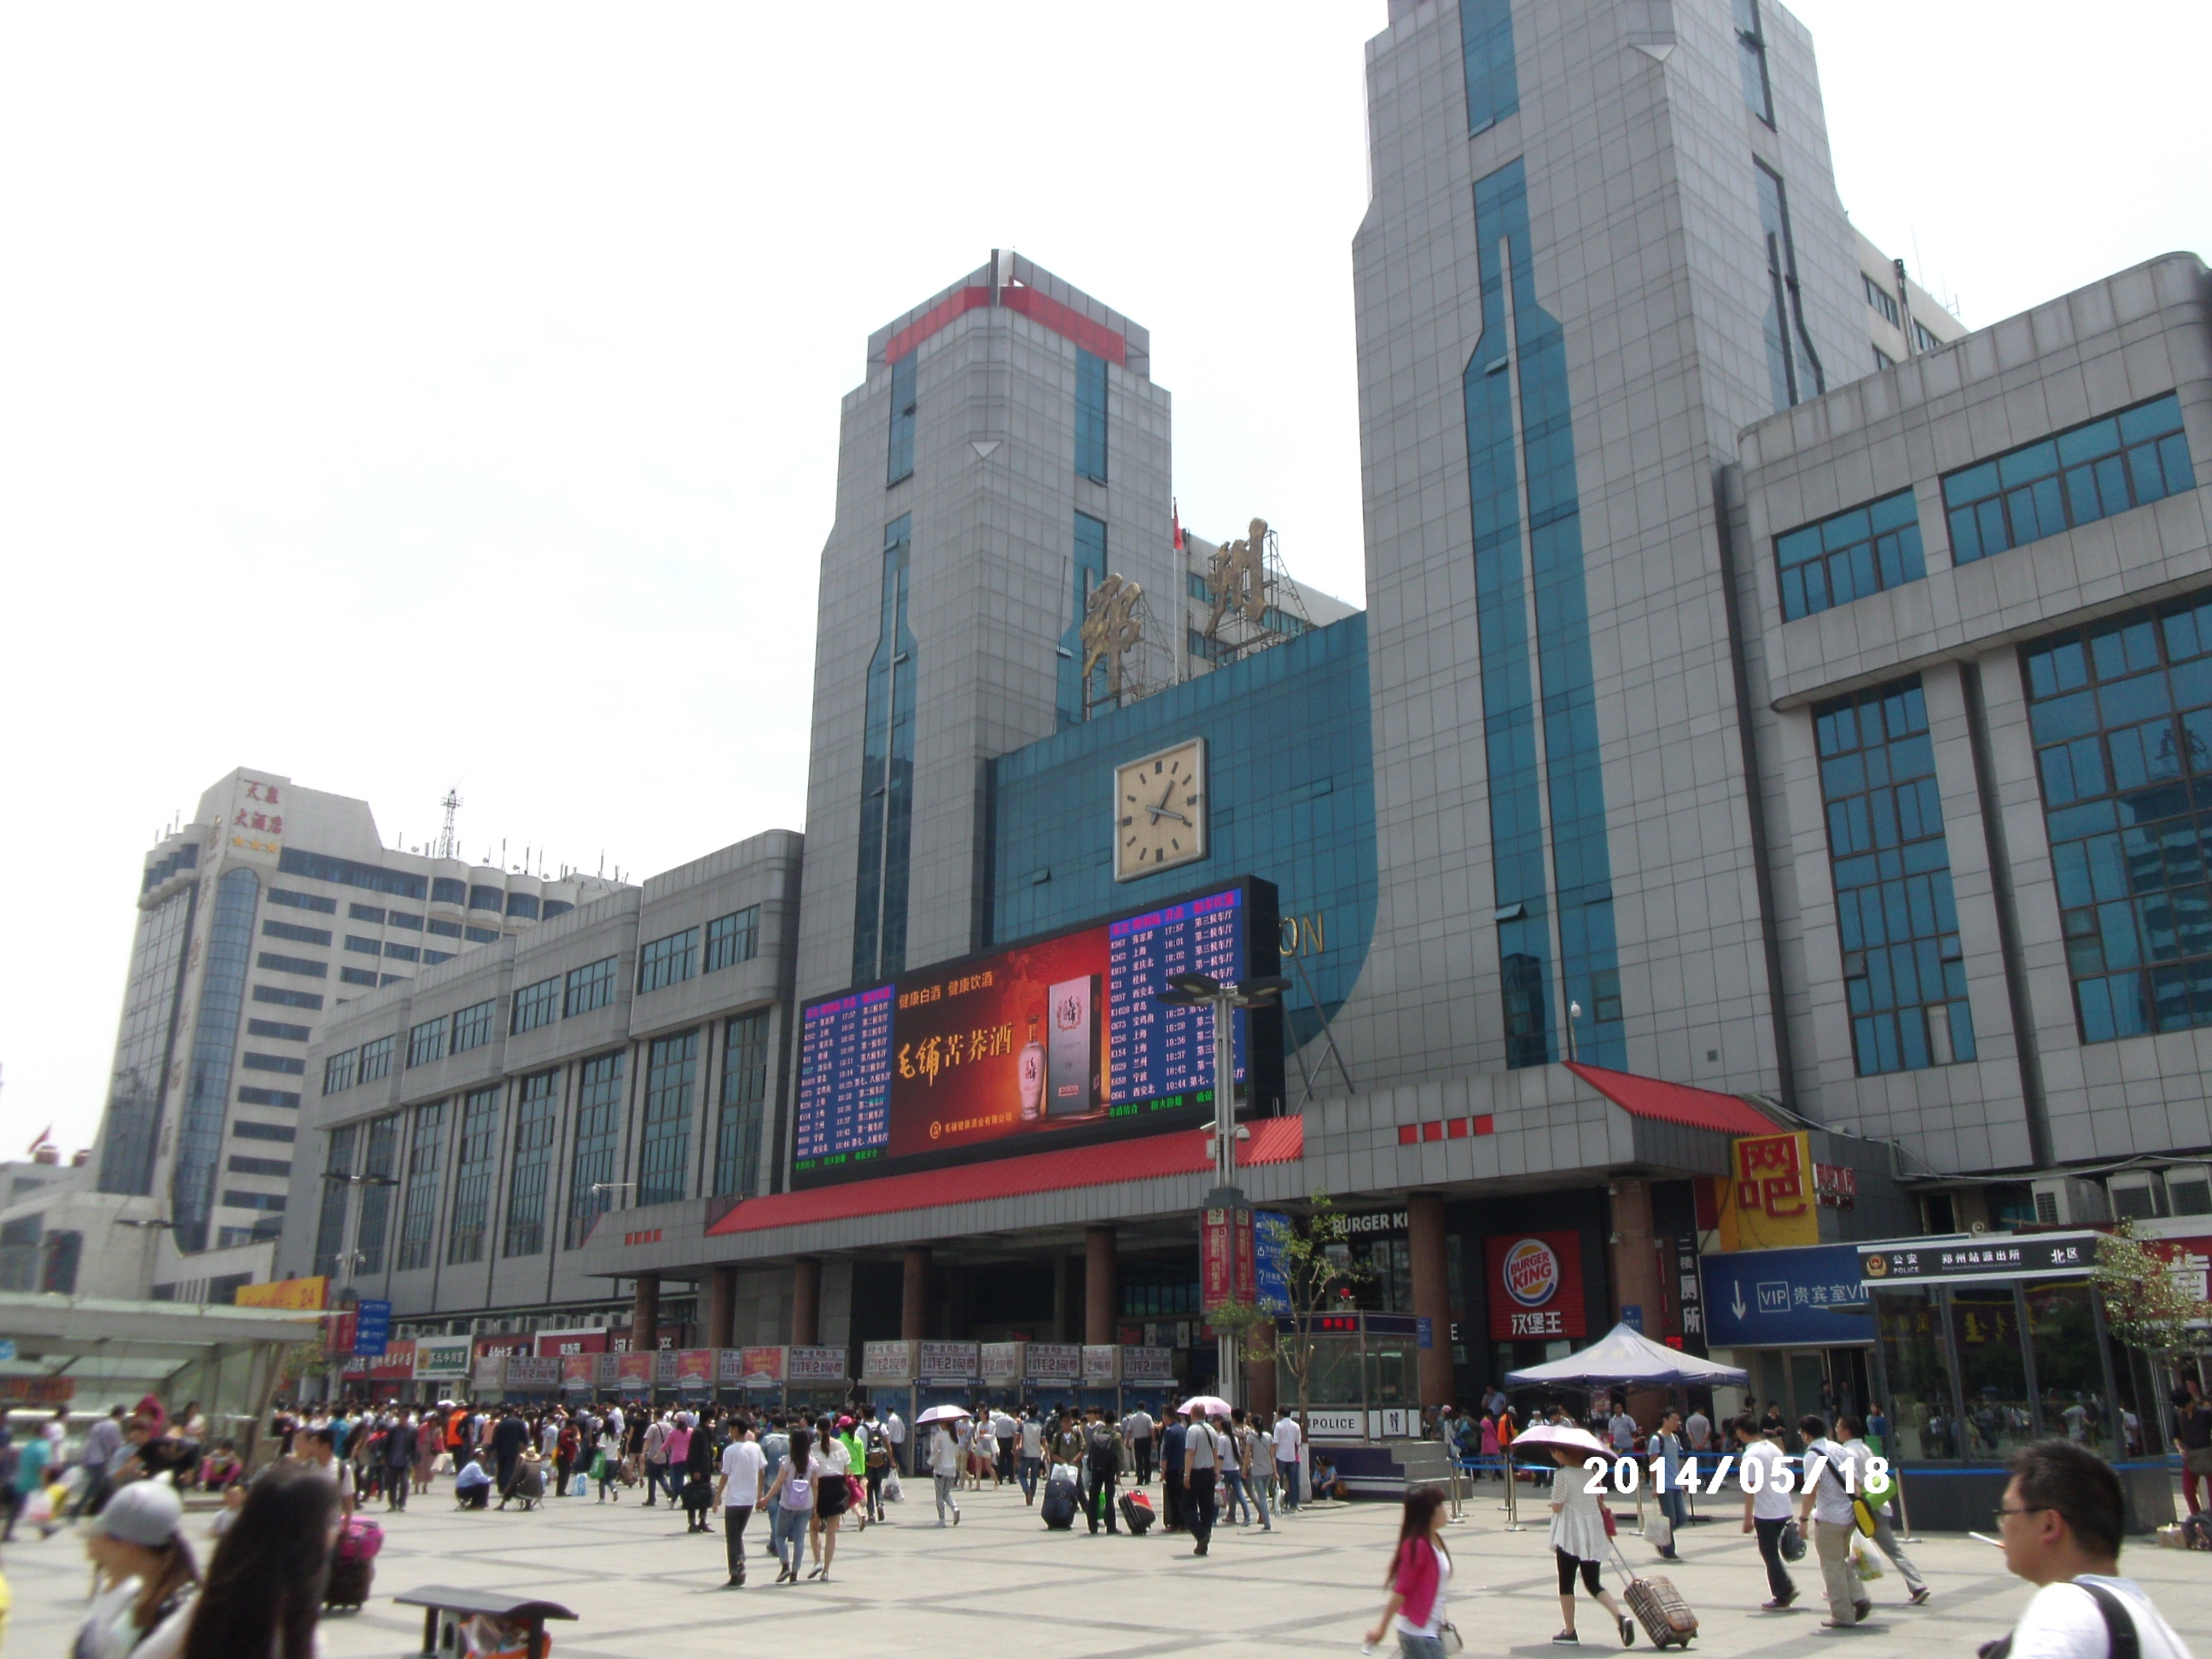 常州火车站附近宾馆_郑州火车站附近有没有比较干净的宾馆,郑州有什么地方比较 ...